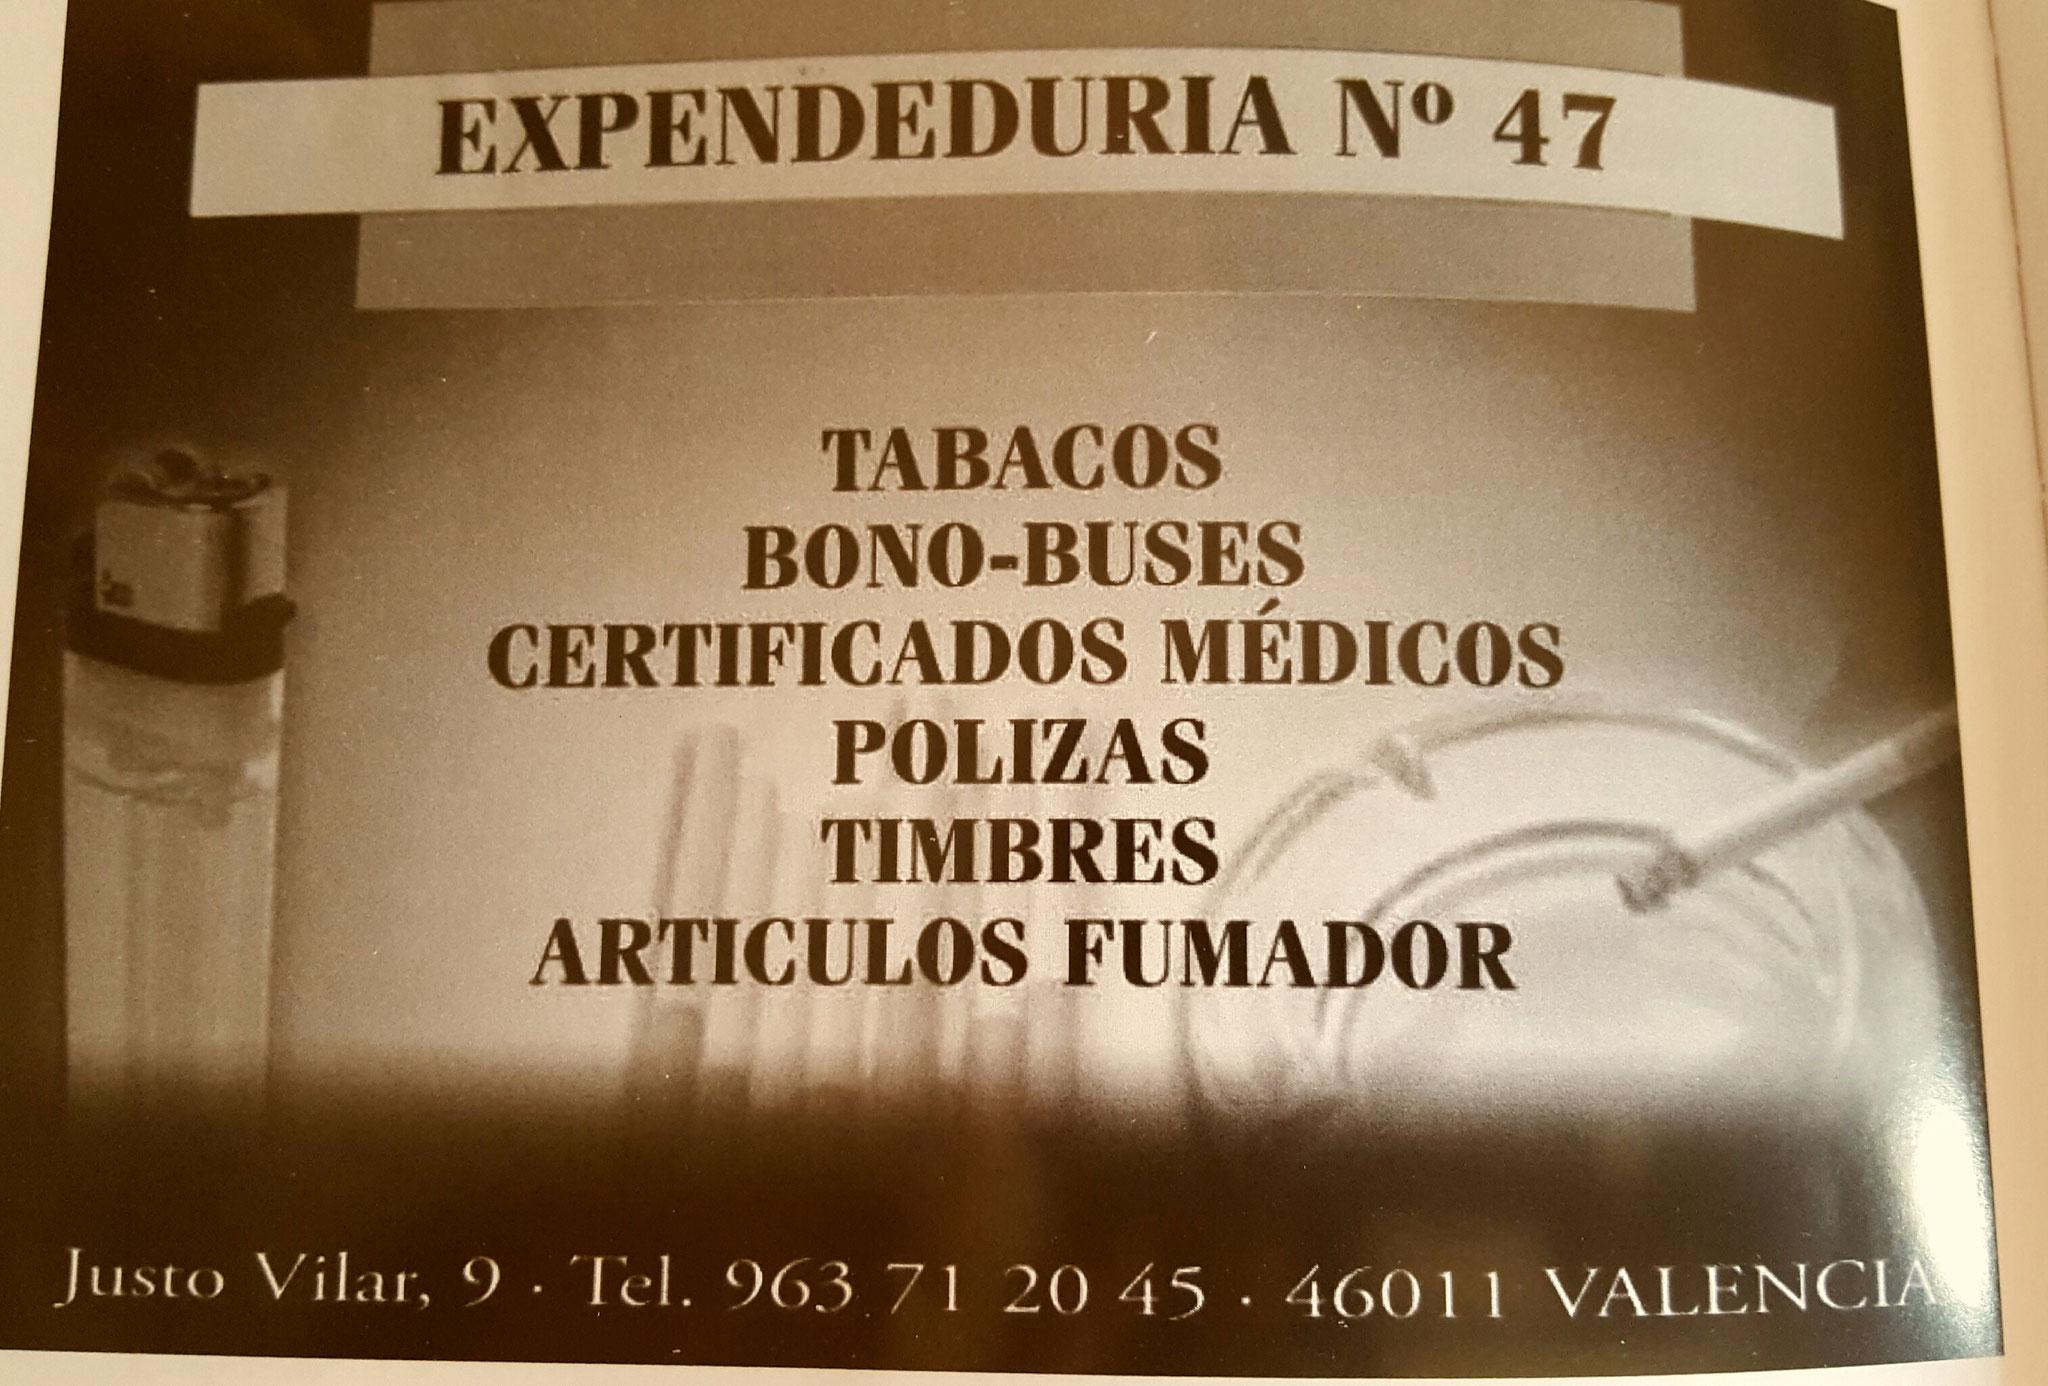 EXPENDEDURIA Nº47